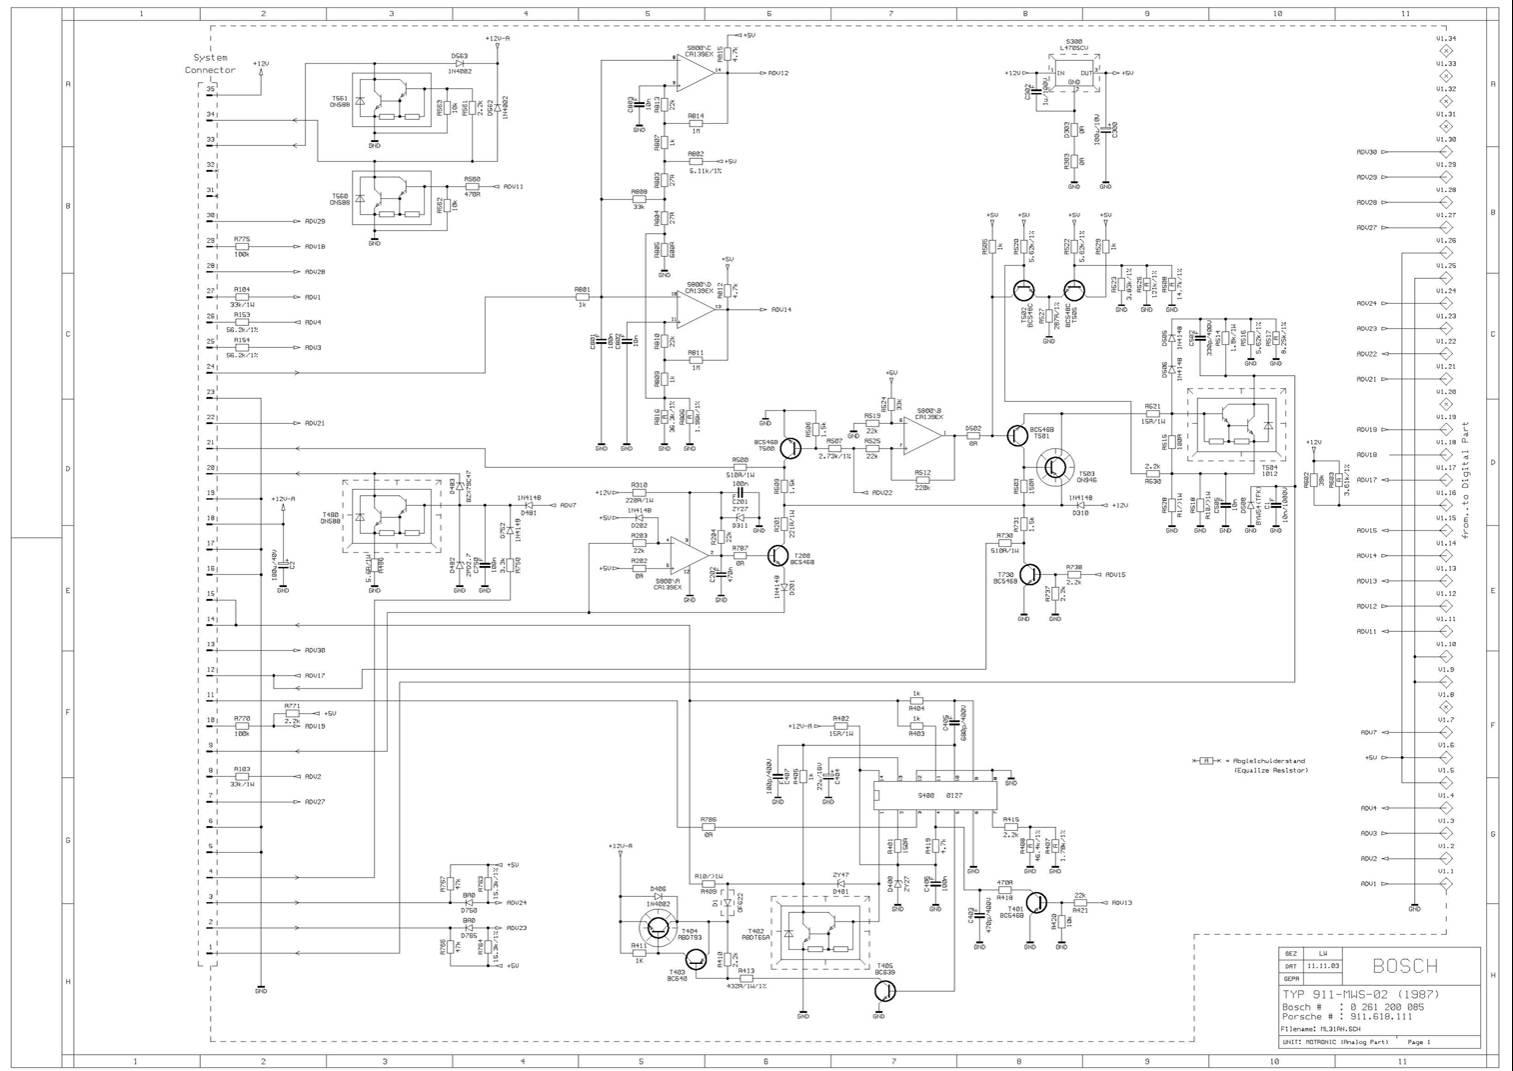 porsche 944 radio wiring diagram hx 0555  porsche 944 wiring diagram wiring diagram type 944944  porsche 944 wiring diagram wiring